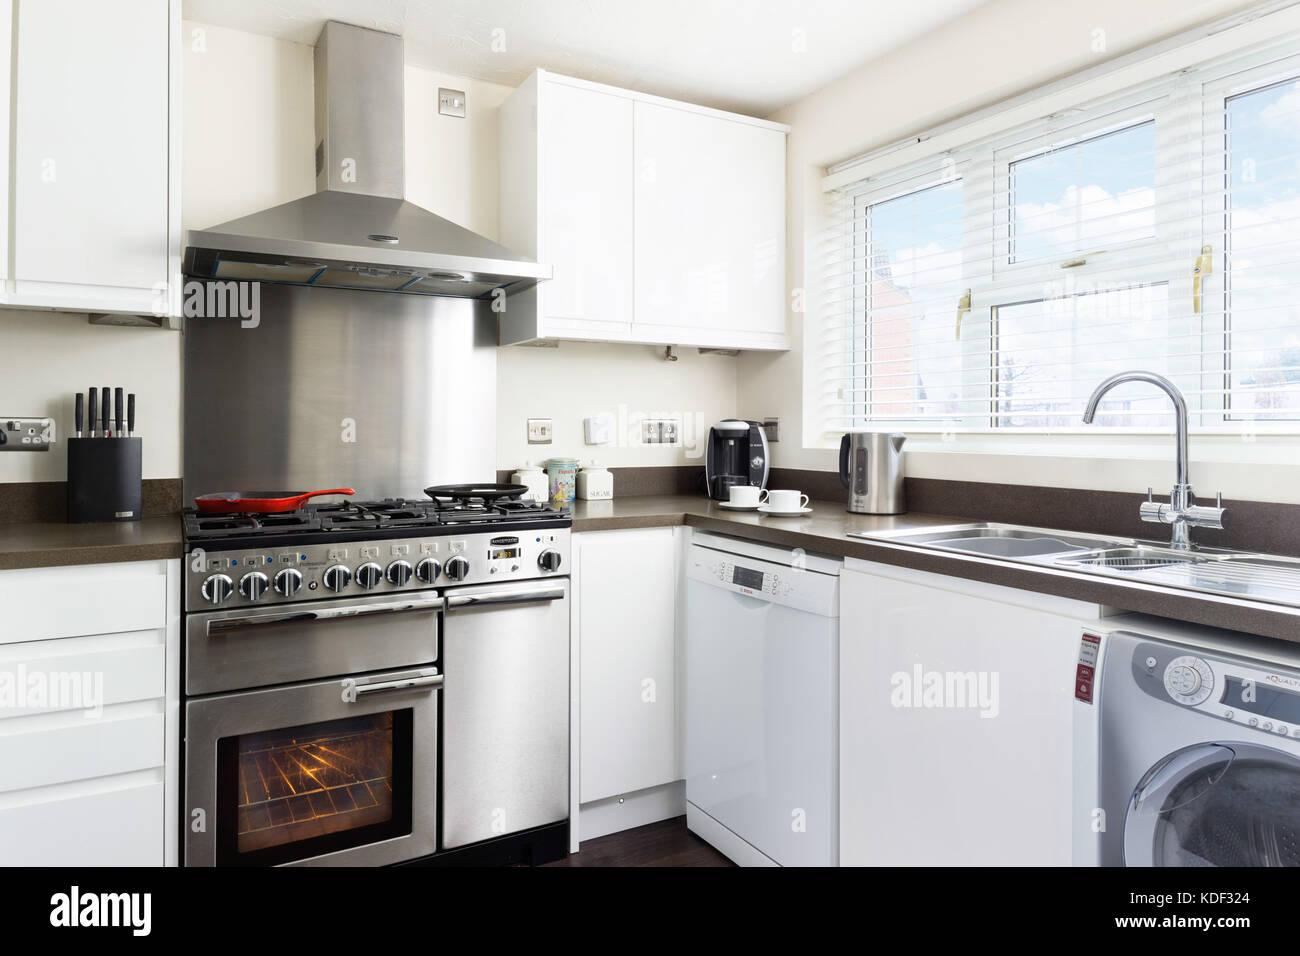 range cooker photos range cooker images alamy. Black Bedroom Furniture Sets. Home Design Ideas